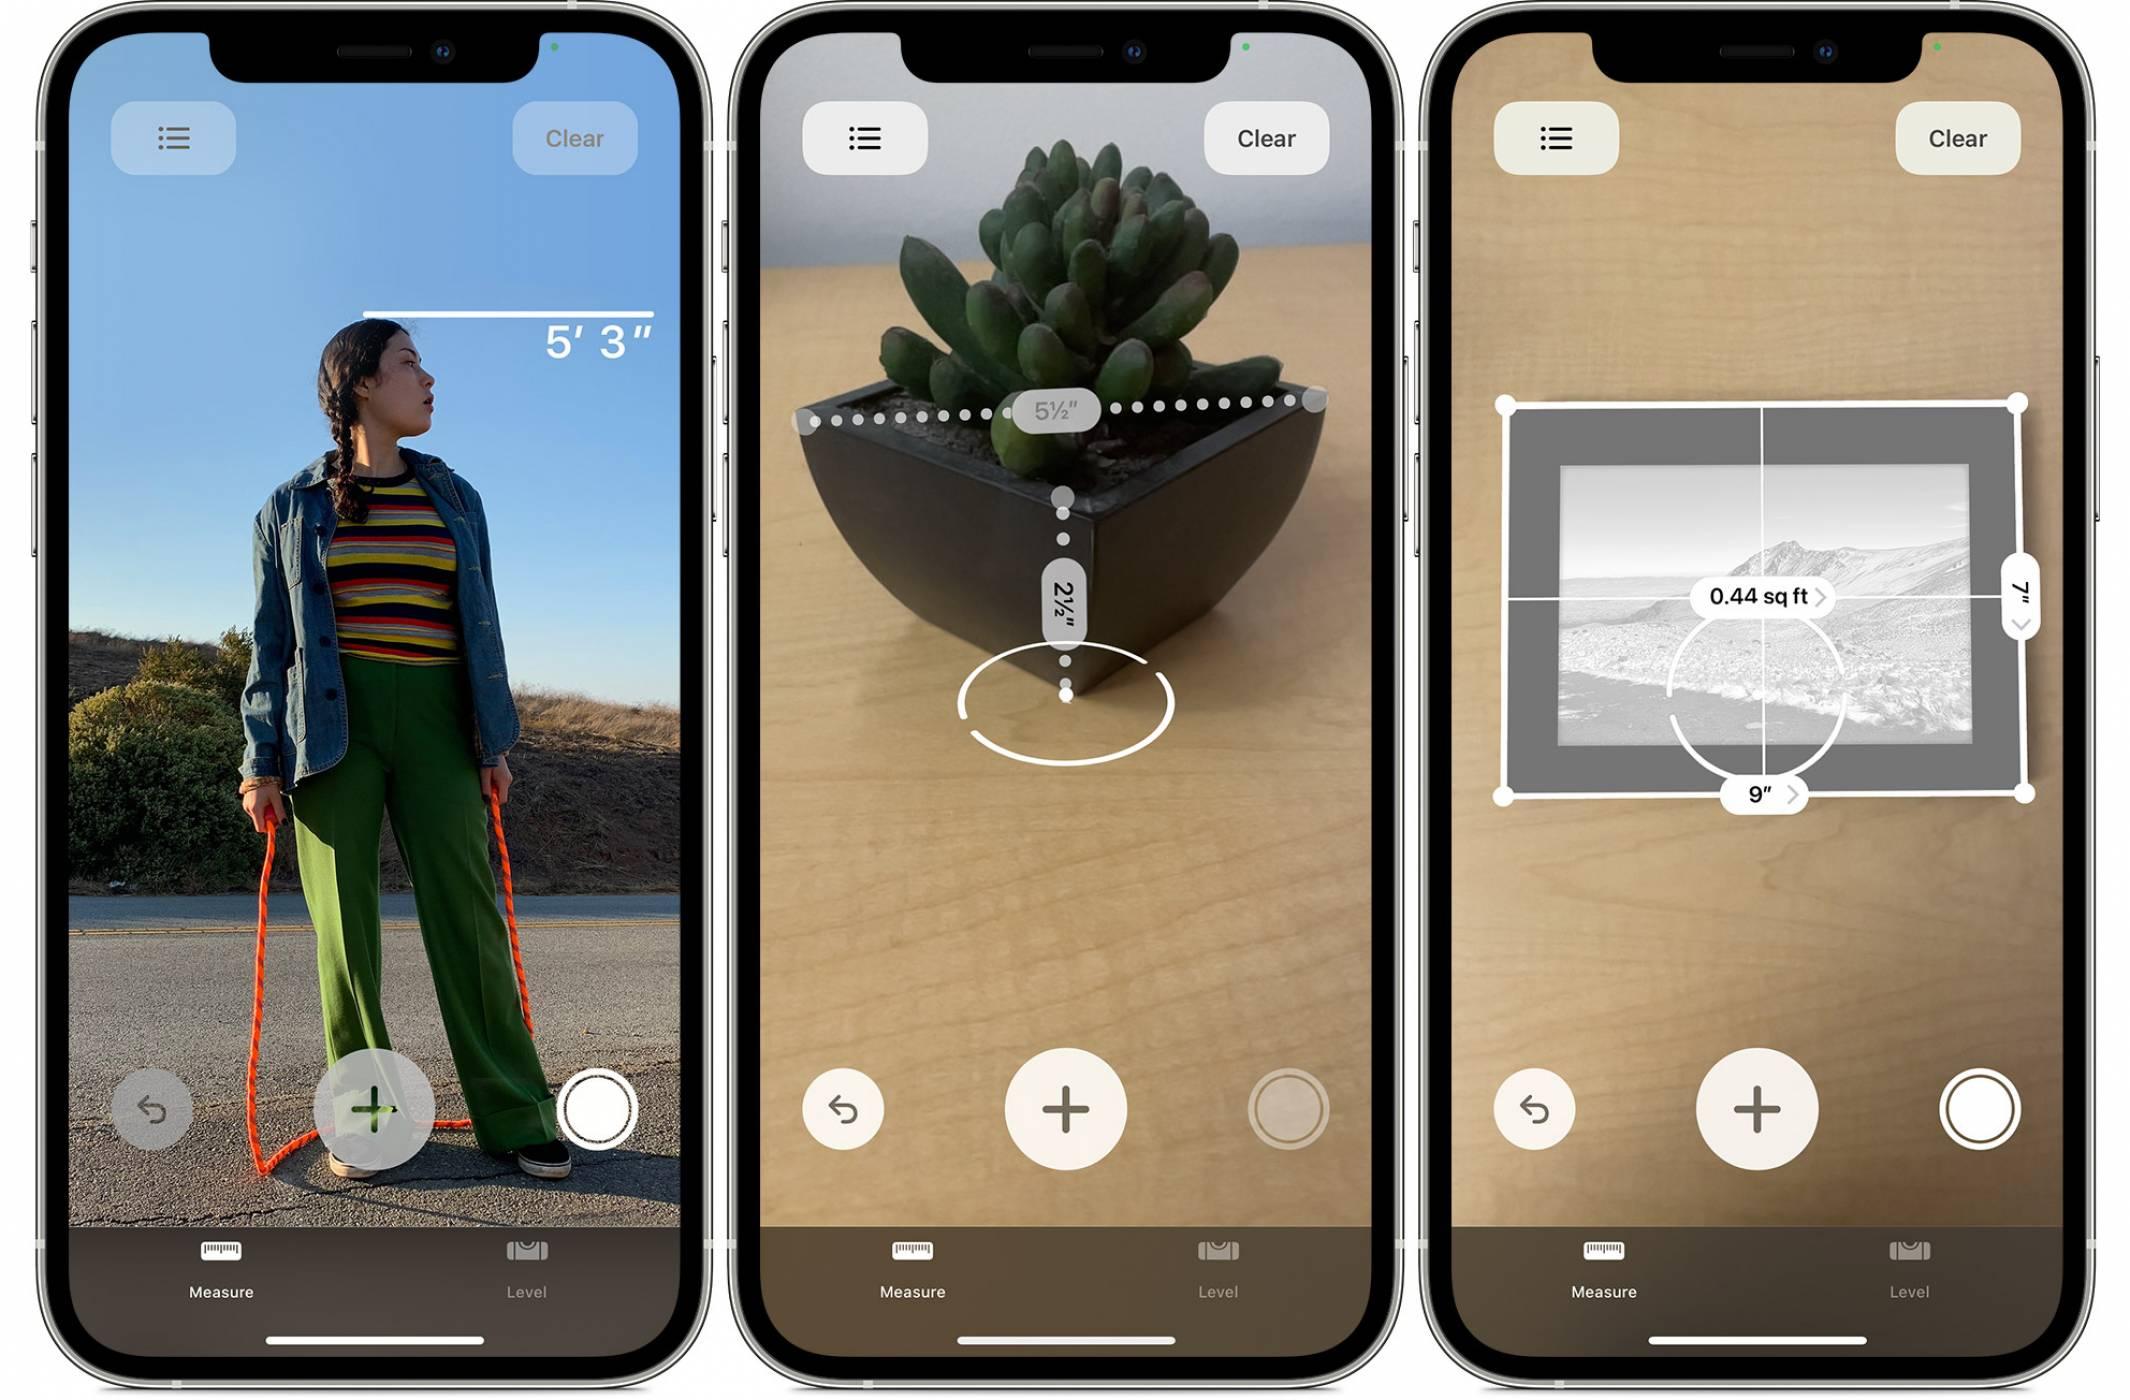 Внимавайте - iPhone 12 може да измери колко сте високи